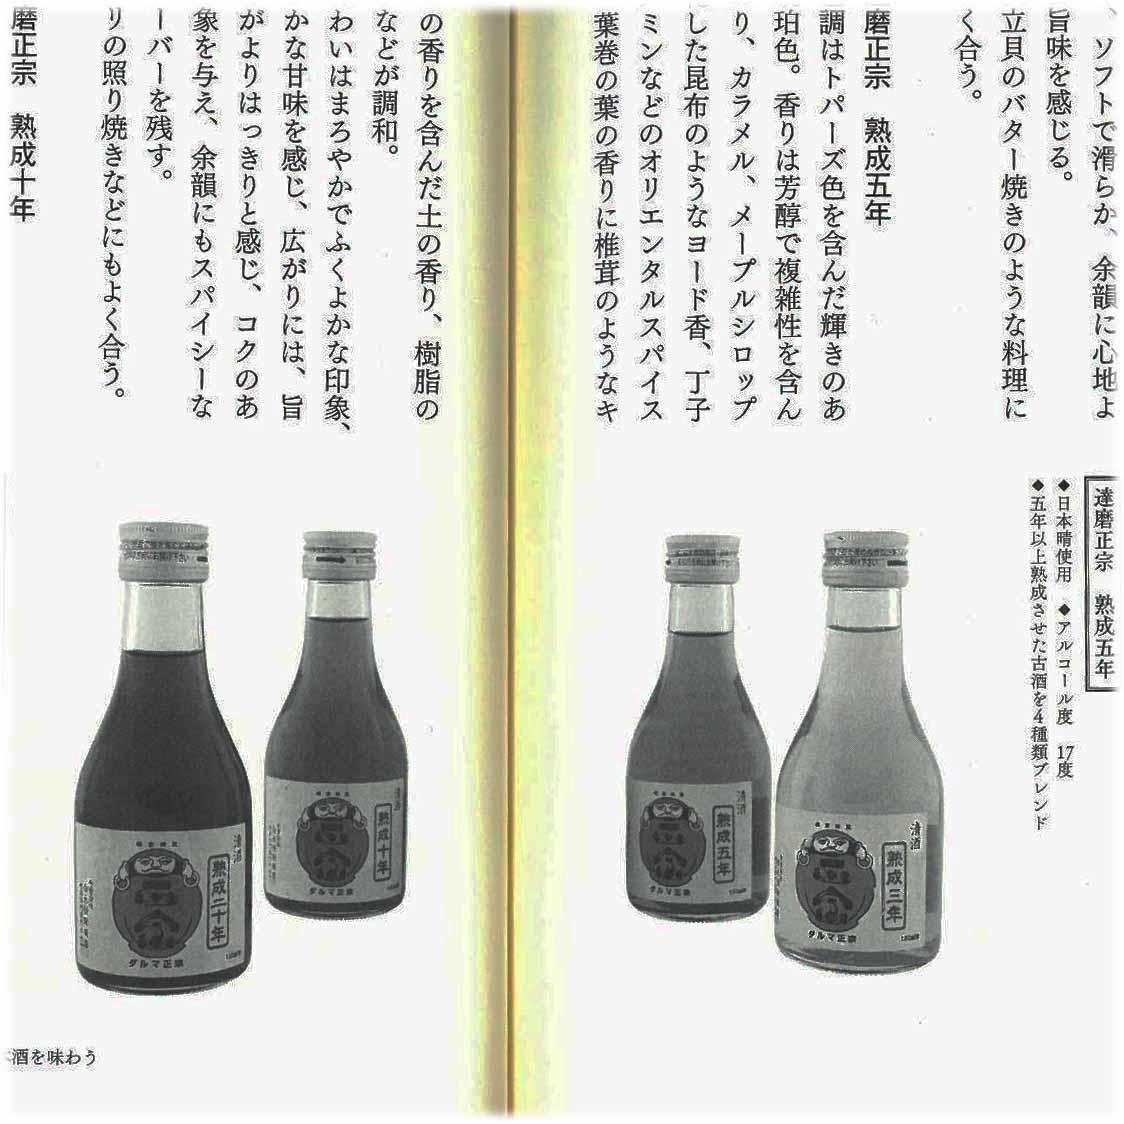 新しい日本酒の味わい方2⃣